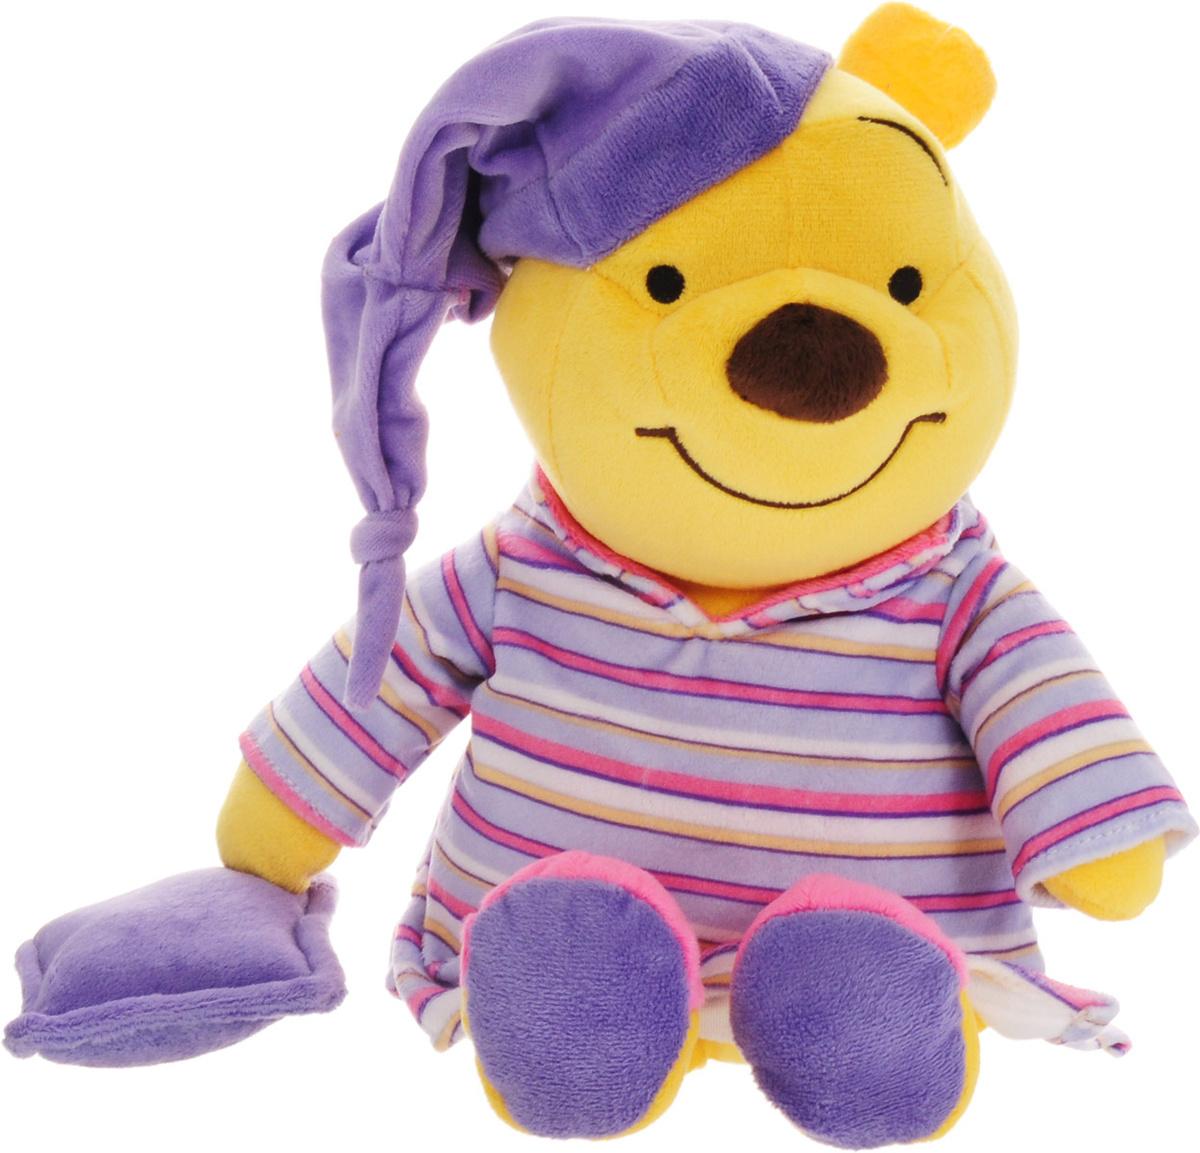 Сонный Винни. Мягкая говорящая игрушка, 35 см #1